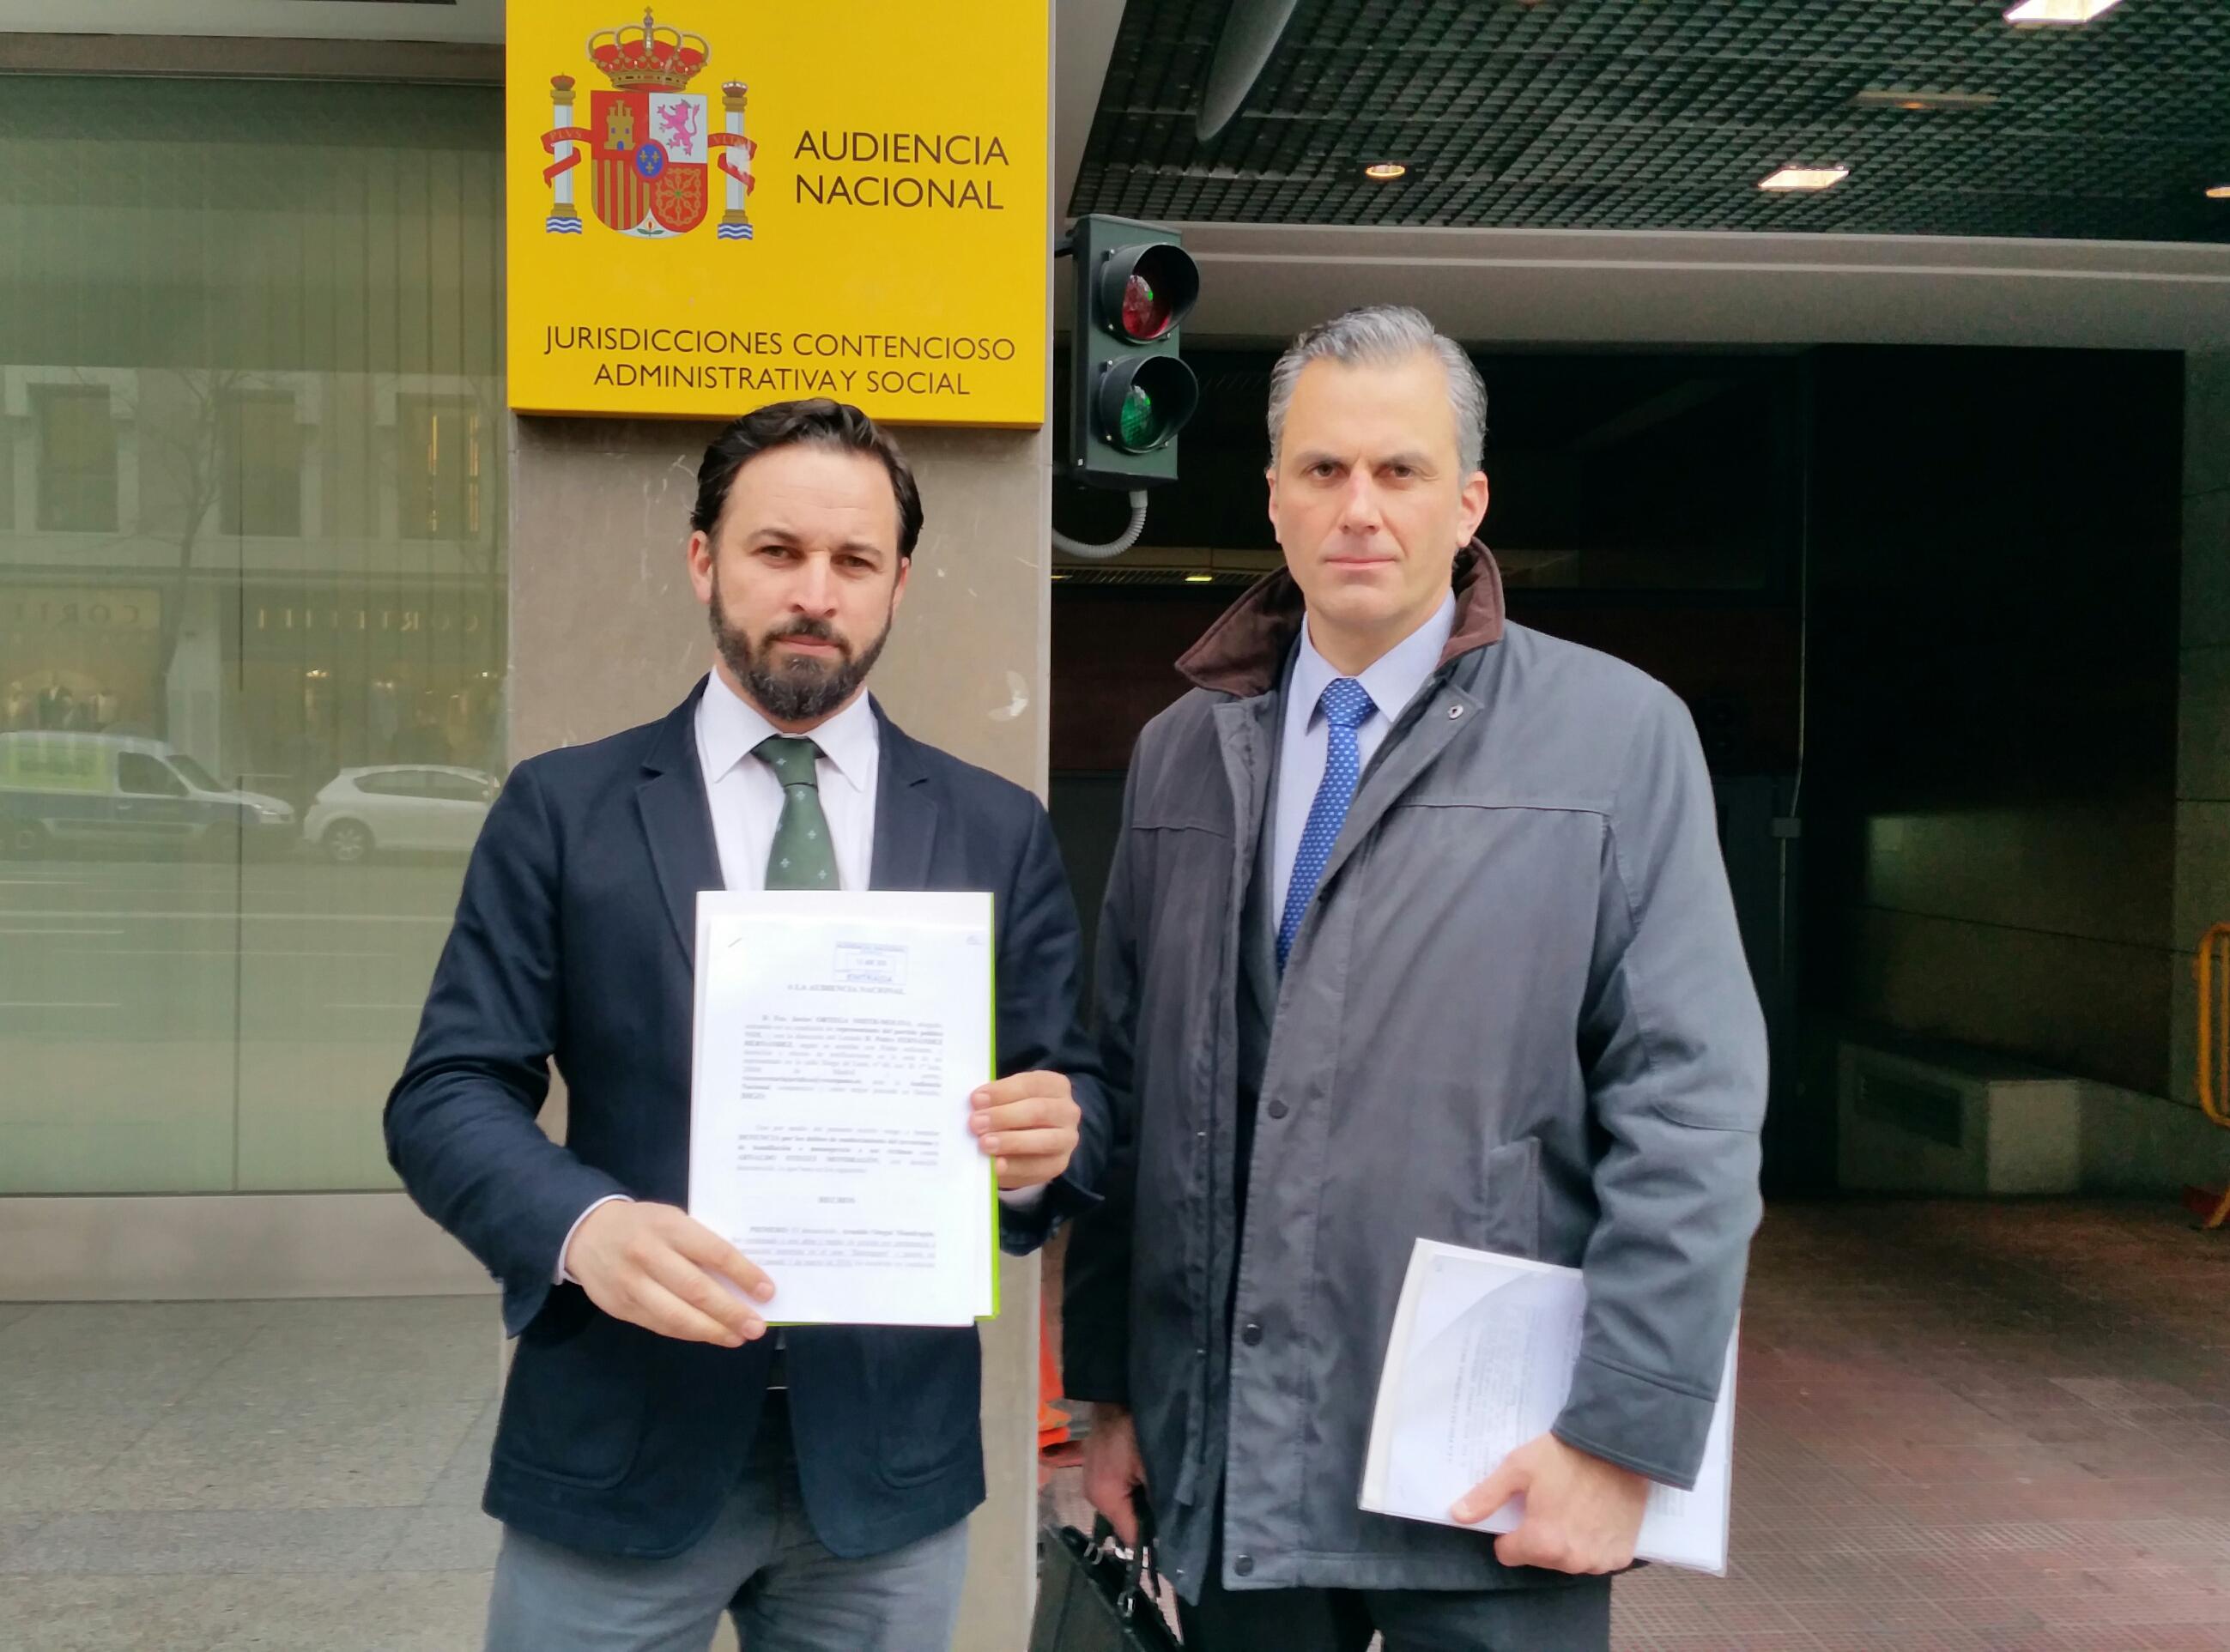 VOX denuncia a Otegui por enaltecimiento del terrorismo y humillación a las víctimas de ETA